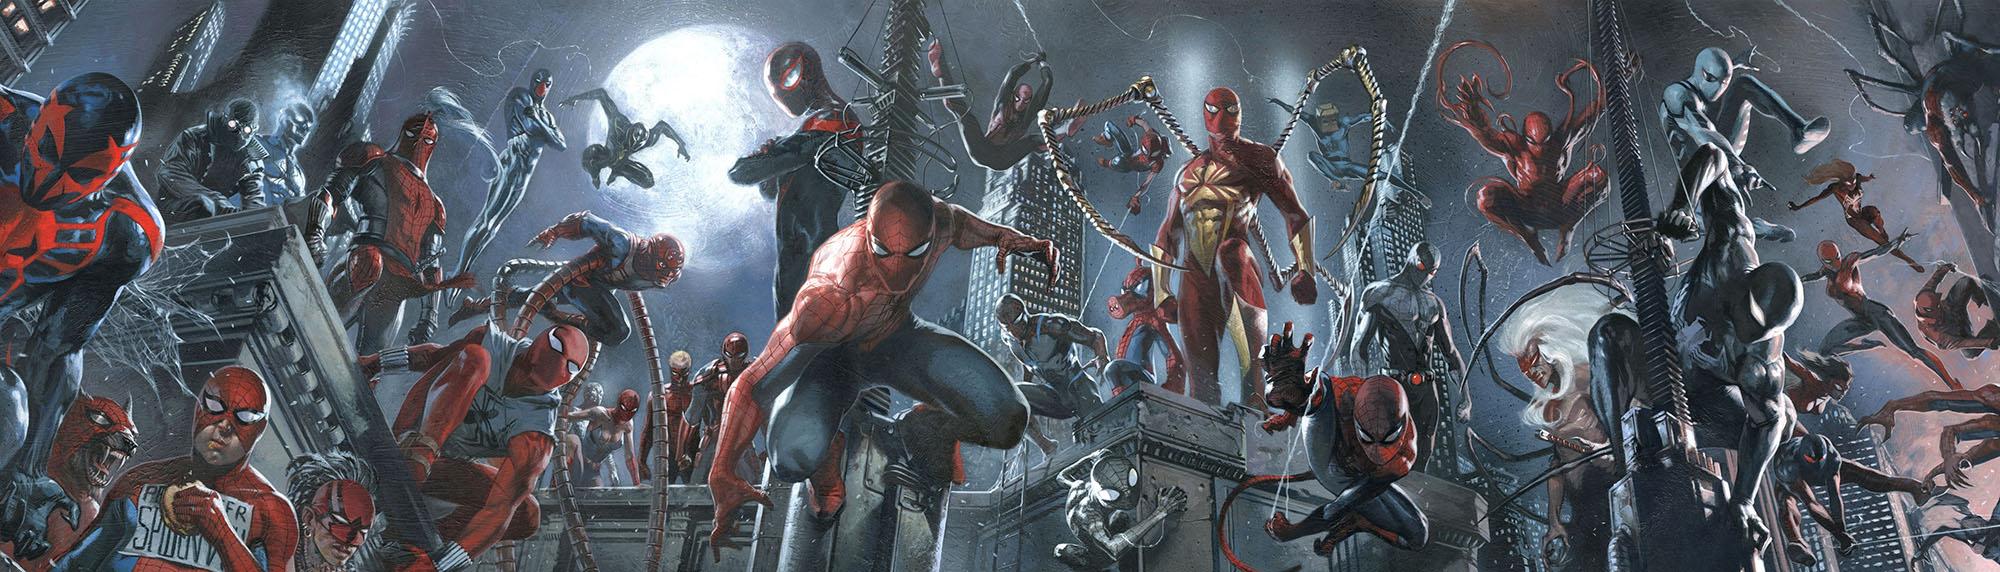 Человек-паук, Spider-Man